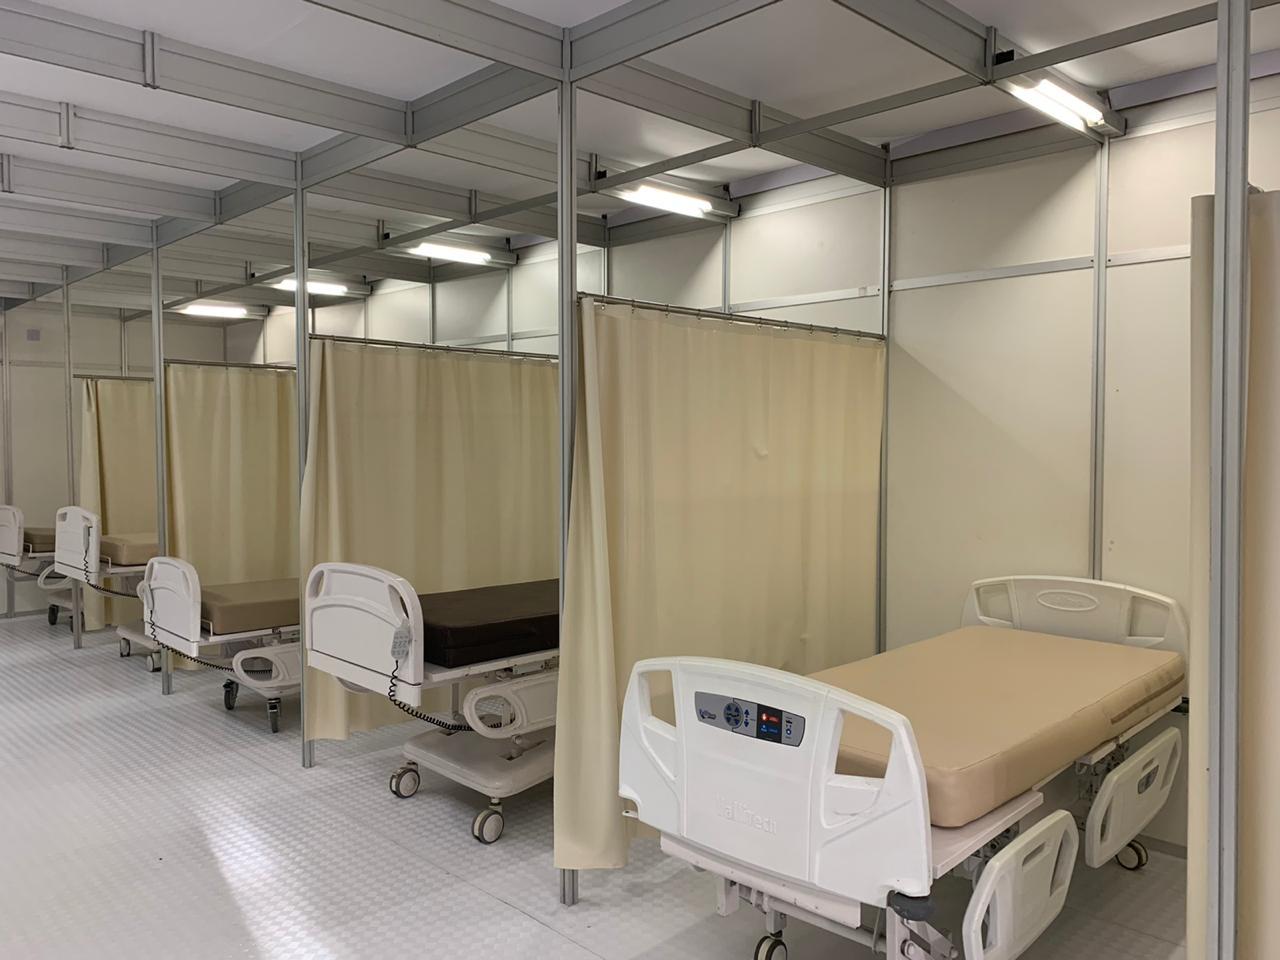 Unimed prepara desmontagem do Hospital de campanha